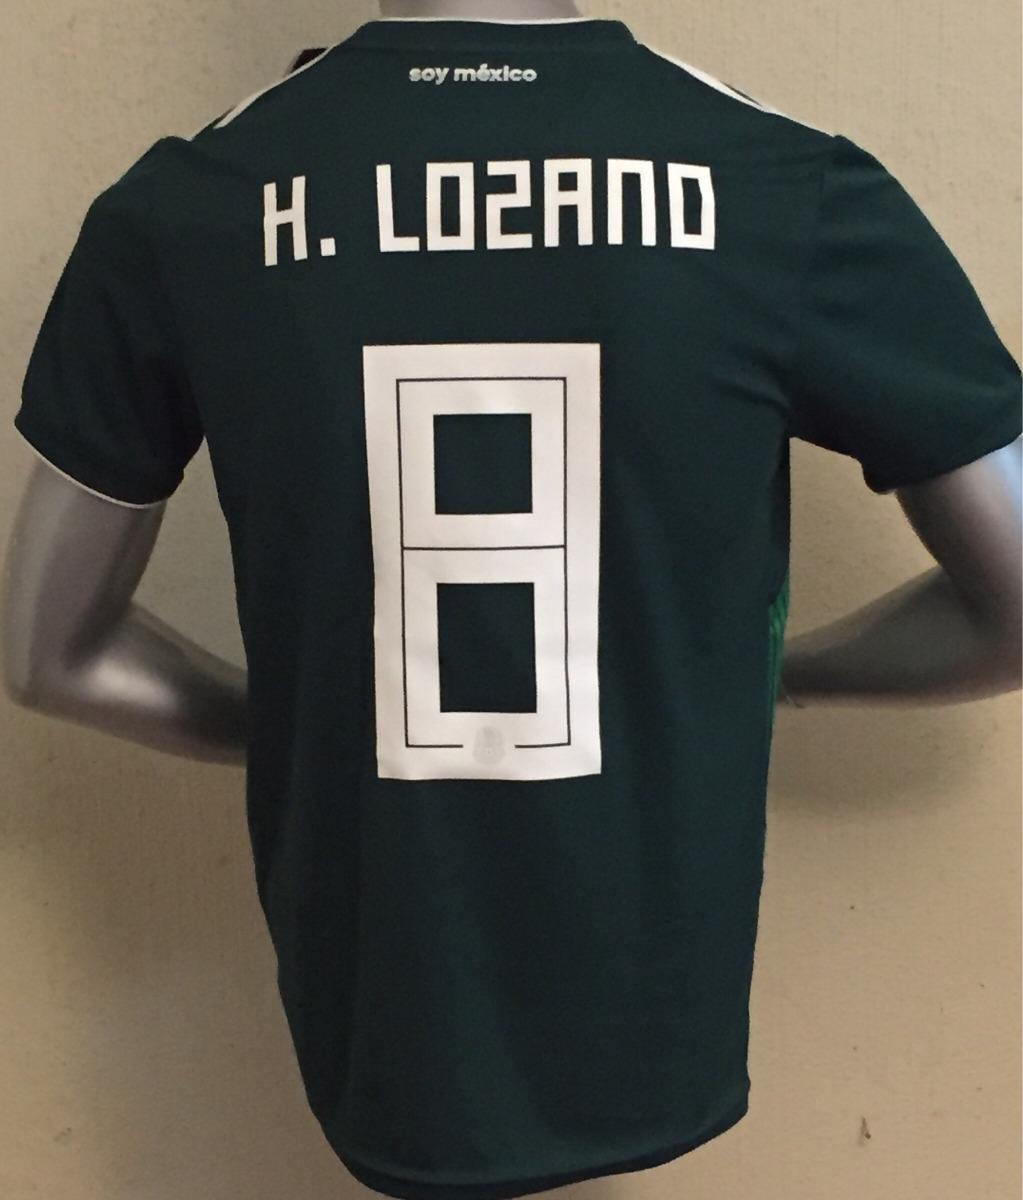 e05a69b80fa19 jersey adidas méxico con número de chuky lozano rusia 2018. Cargando zoom.